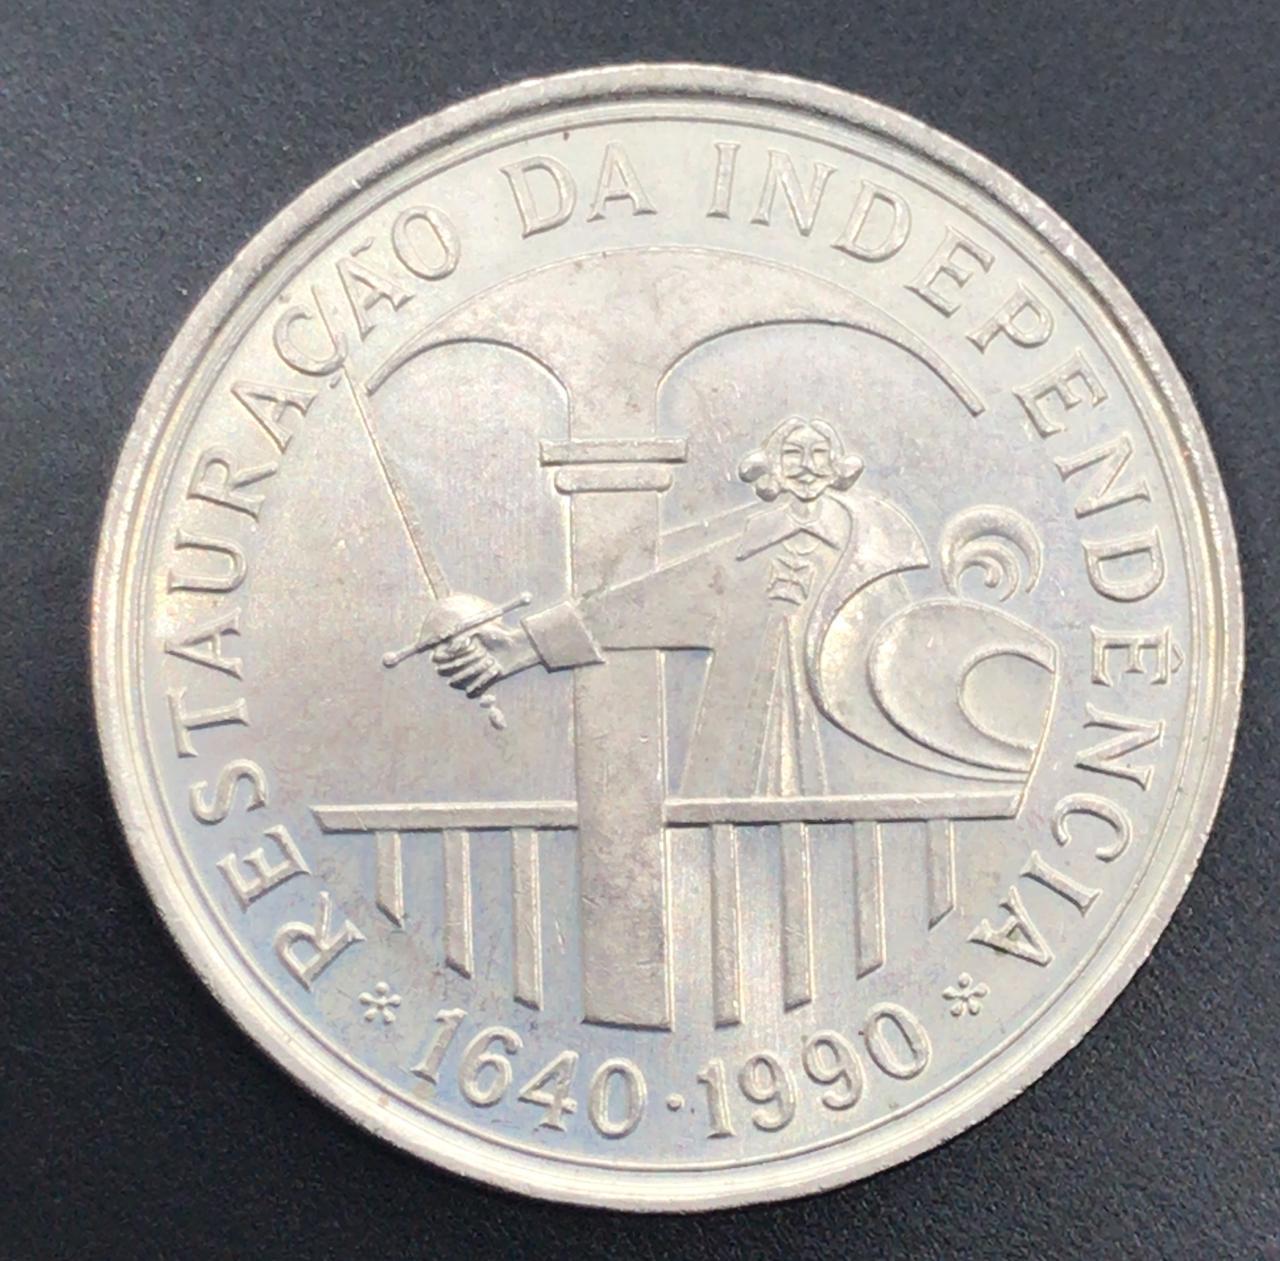 Moeda Portugal Restauração da Independência 100 Escudos 1990 SOB